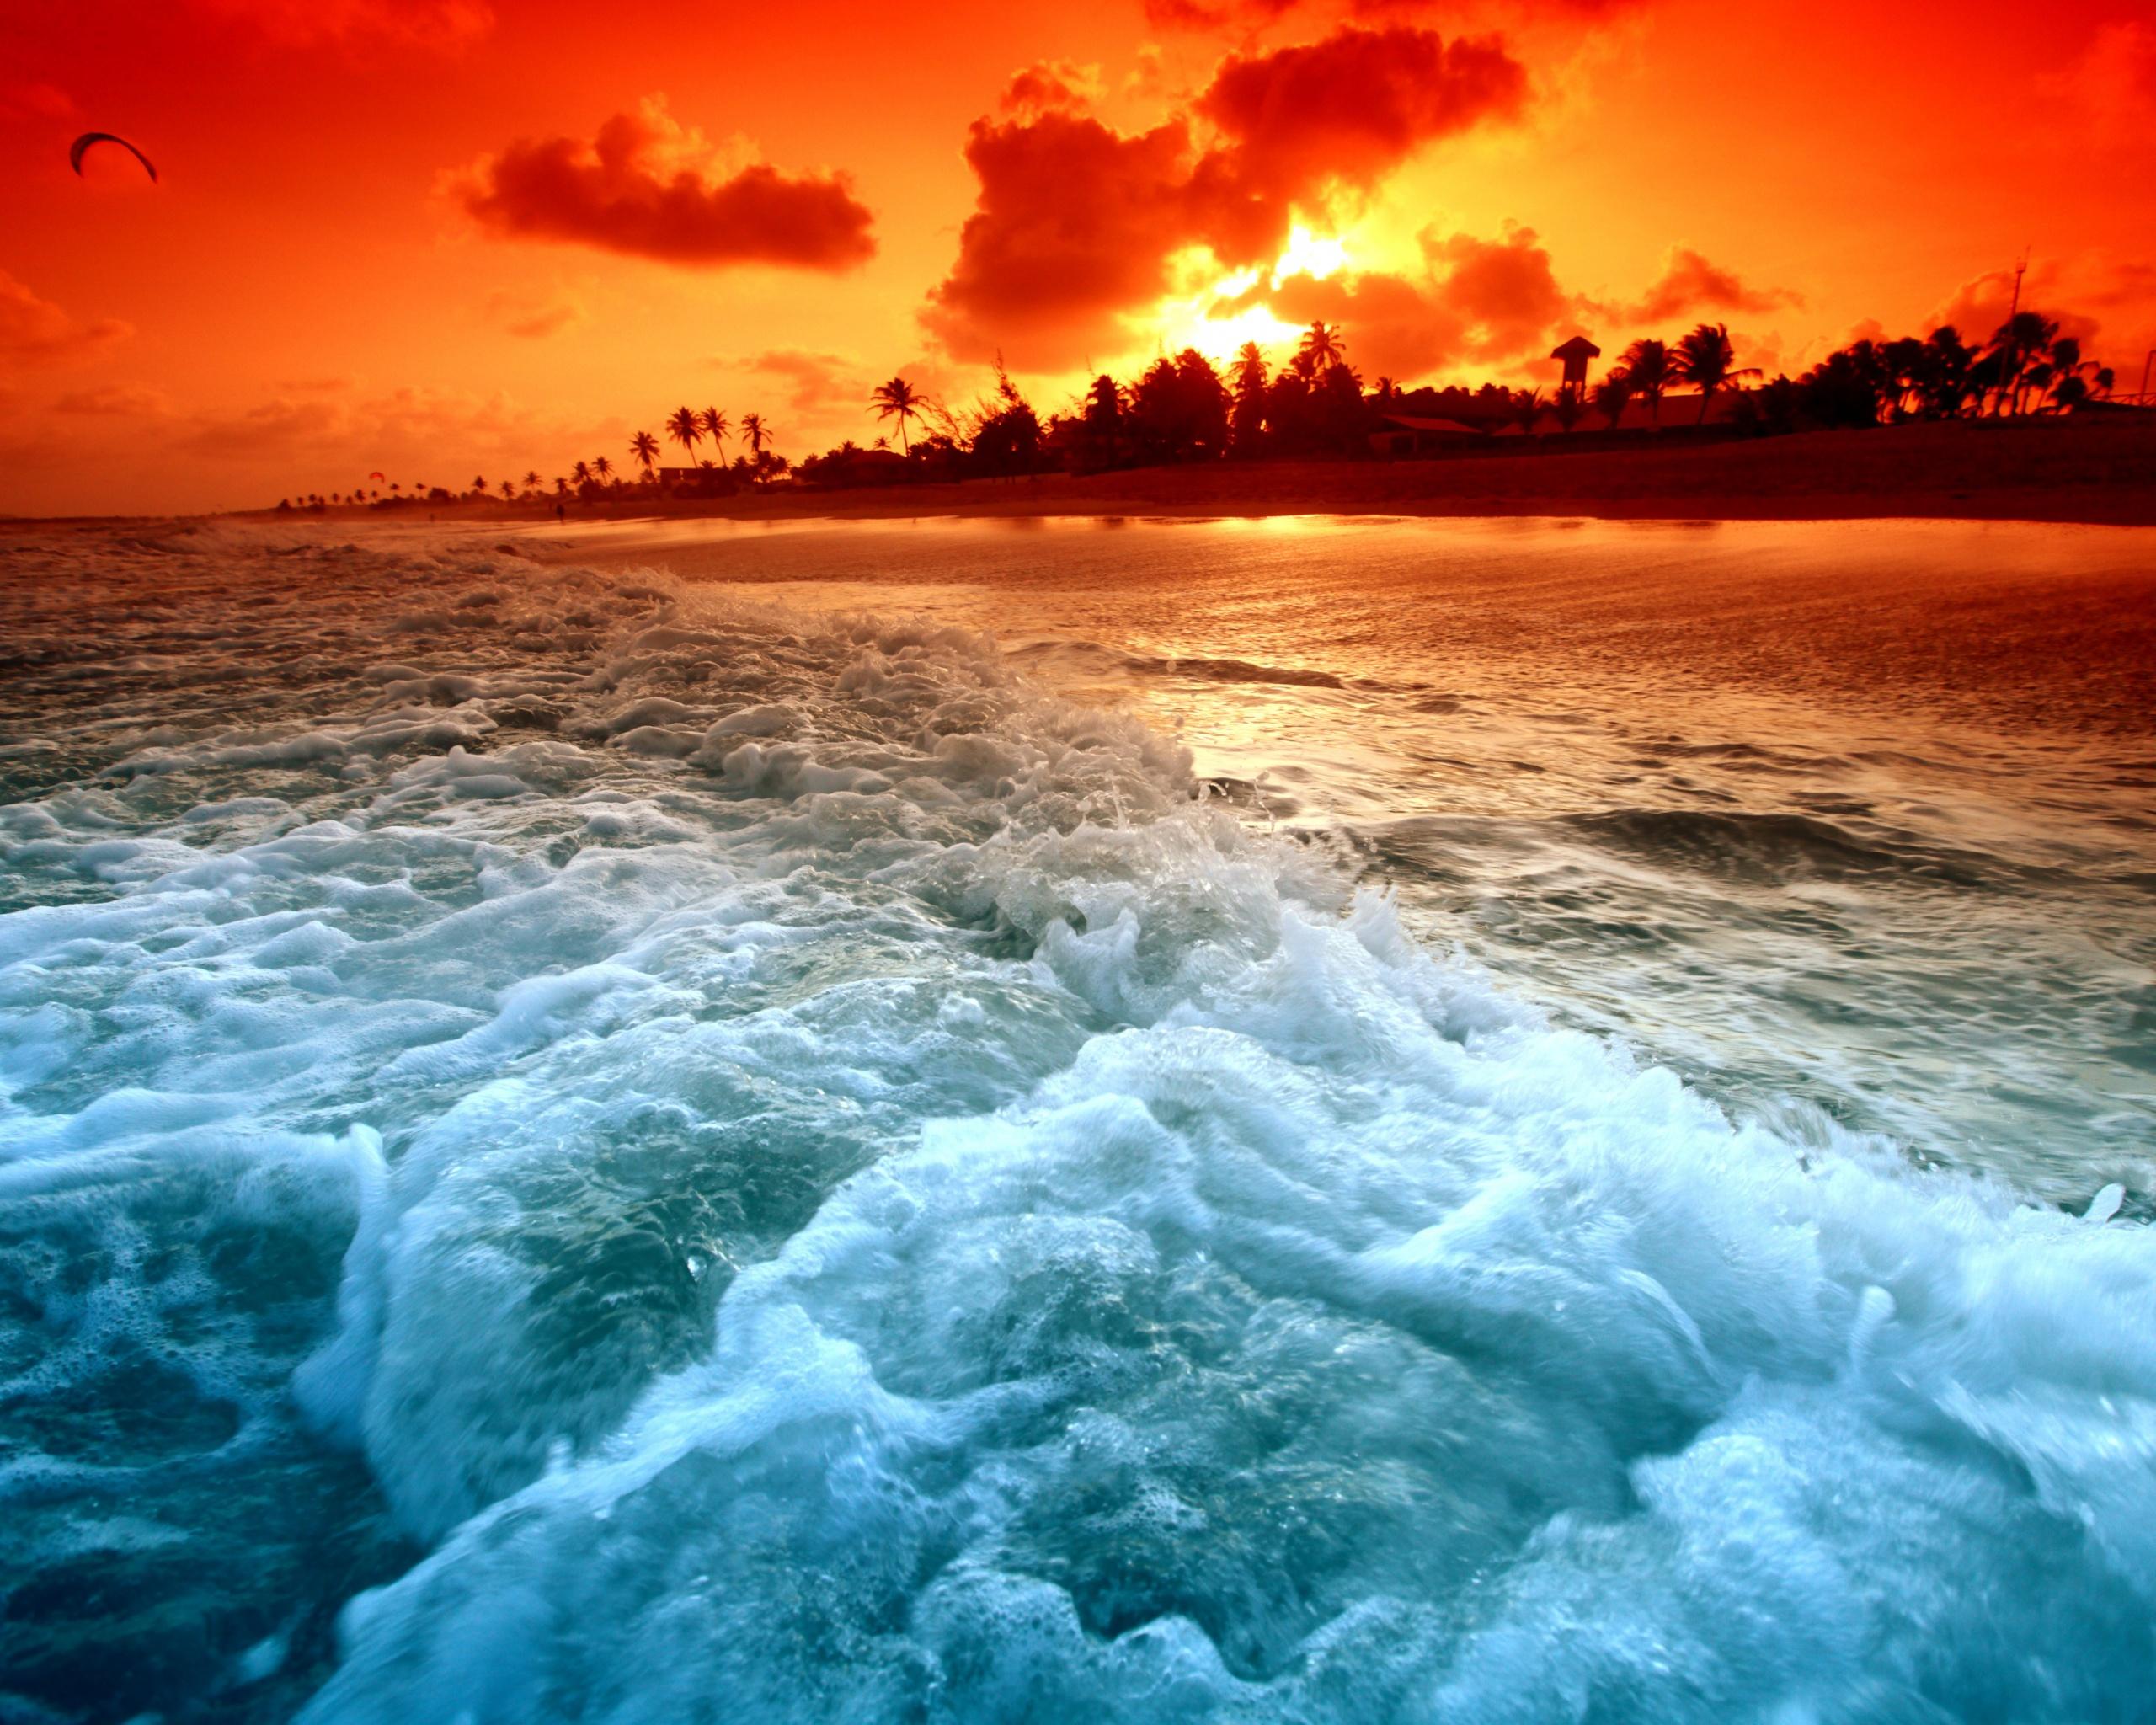 krasnoe-more-plazh